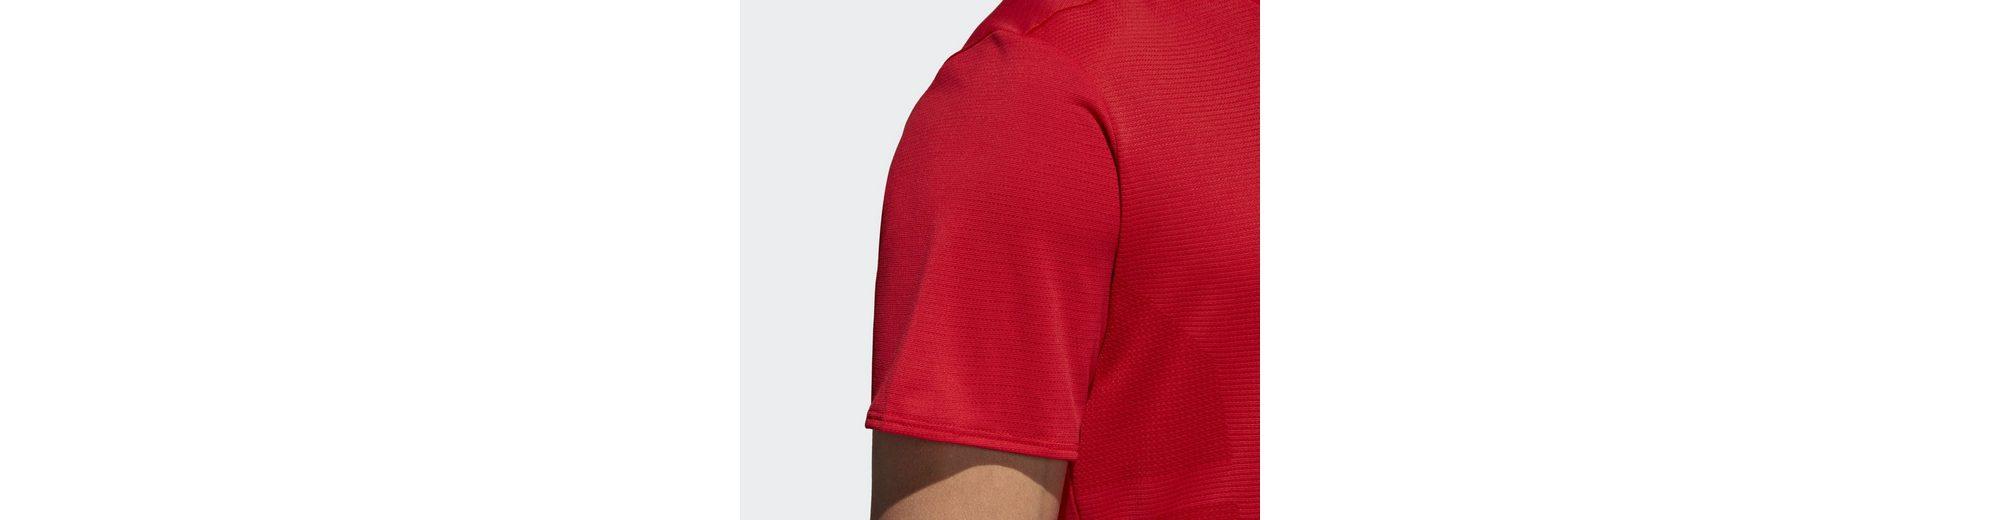 Fälschen Zum Verkauf Angebote Online-Verkauf adidas Performance T-Shirt Supernova Qualität Aus Deutschland Billig Qualität Aus Deutschland Großhandel FIwlCP9PGk